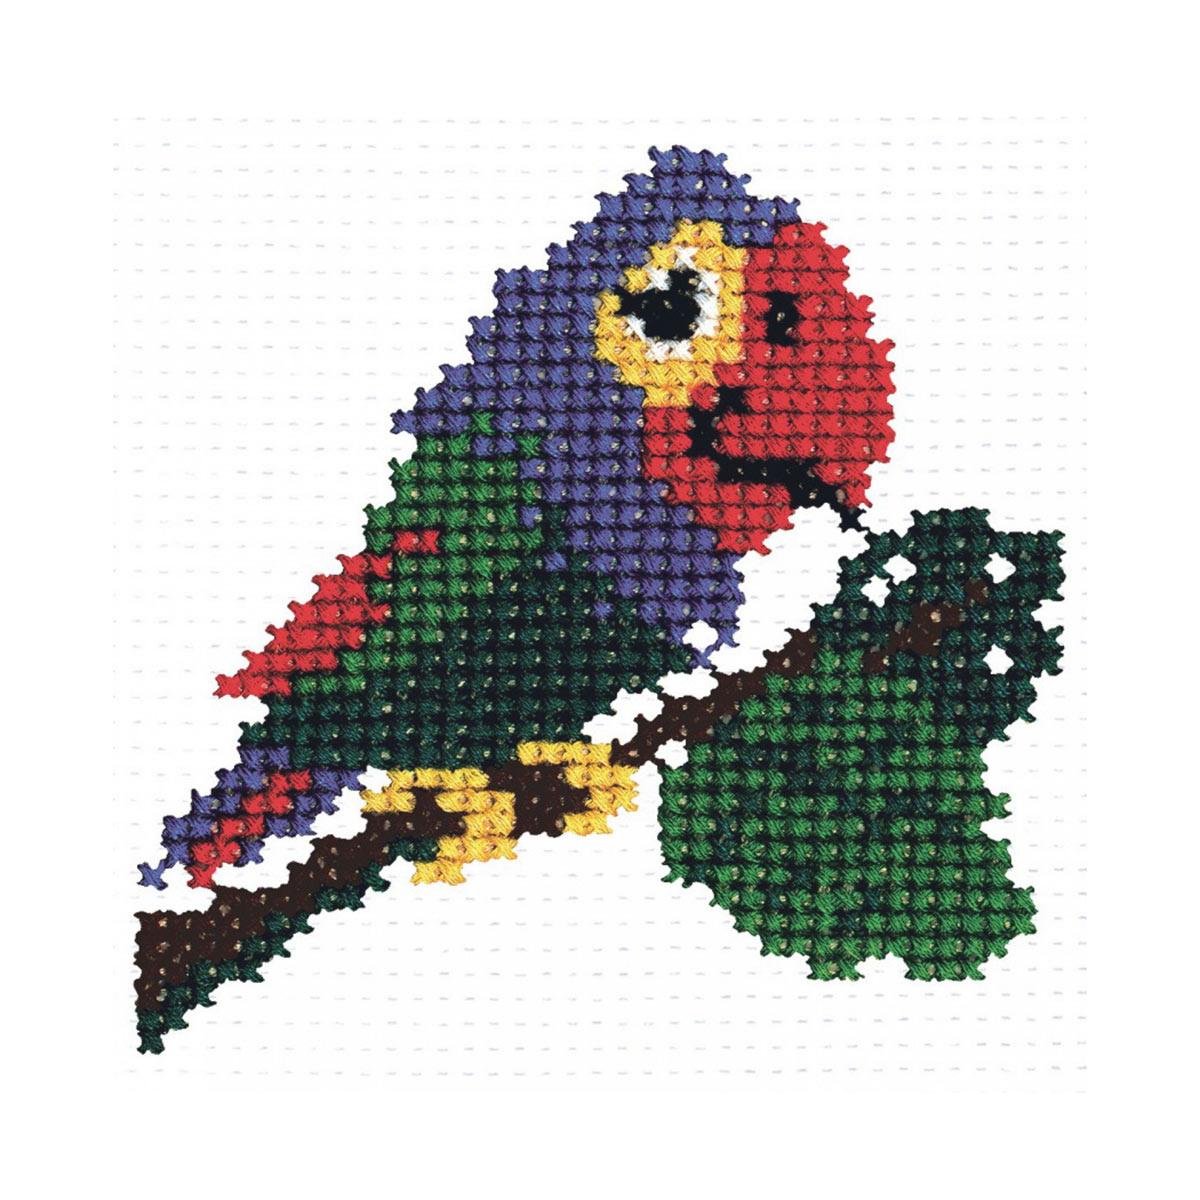 505 Набор для вышивания 'РС-Студия' 'Попугай', 11*11 см